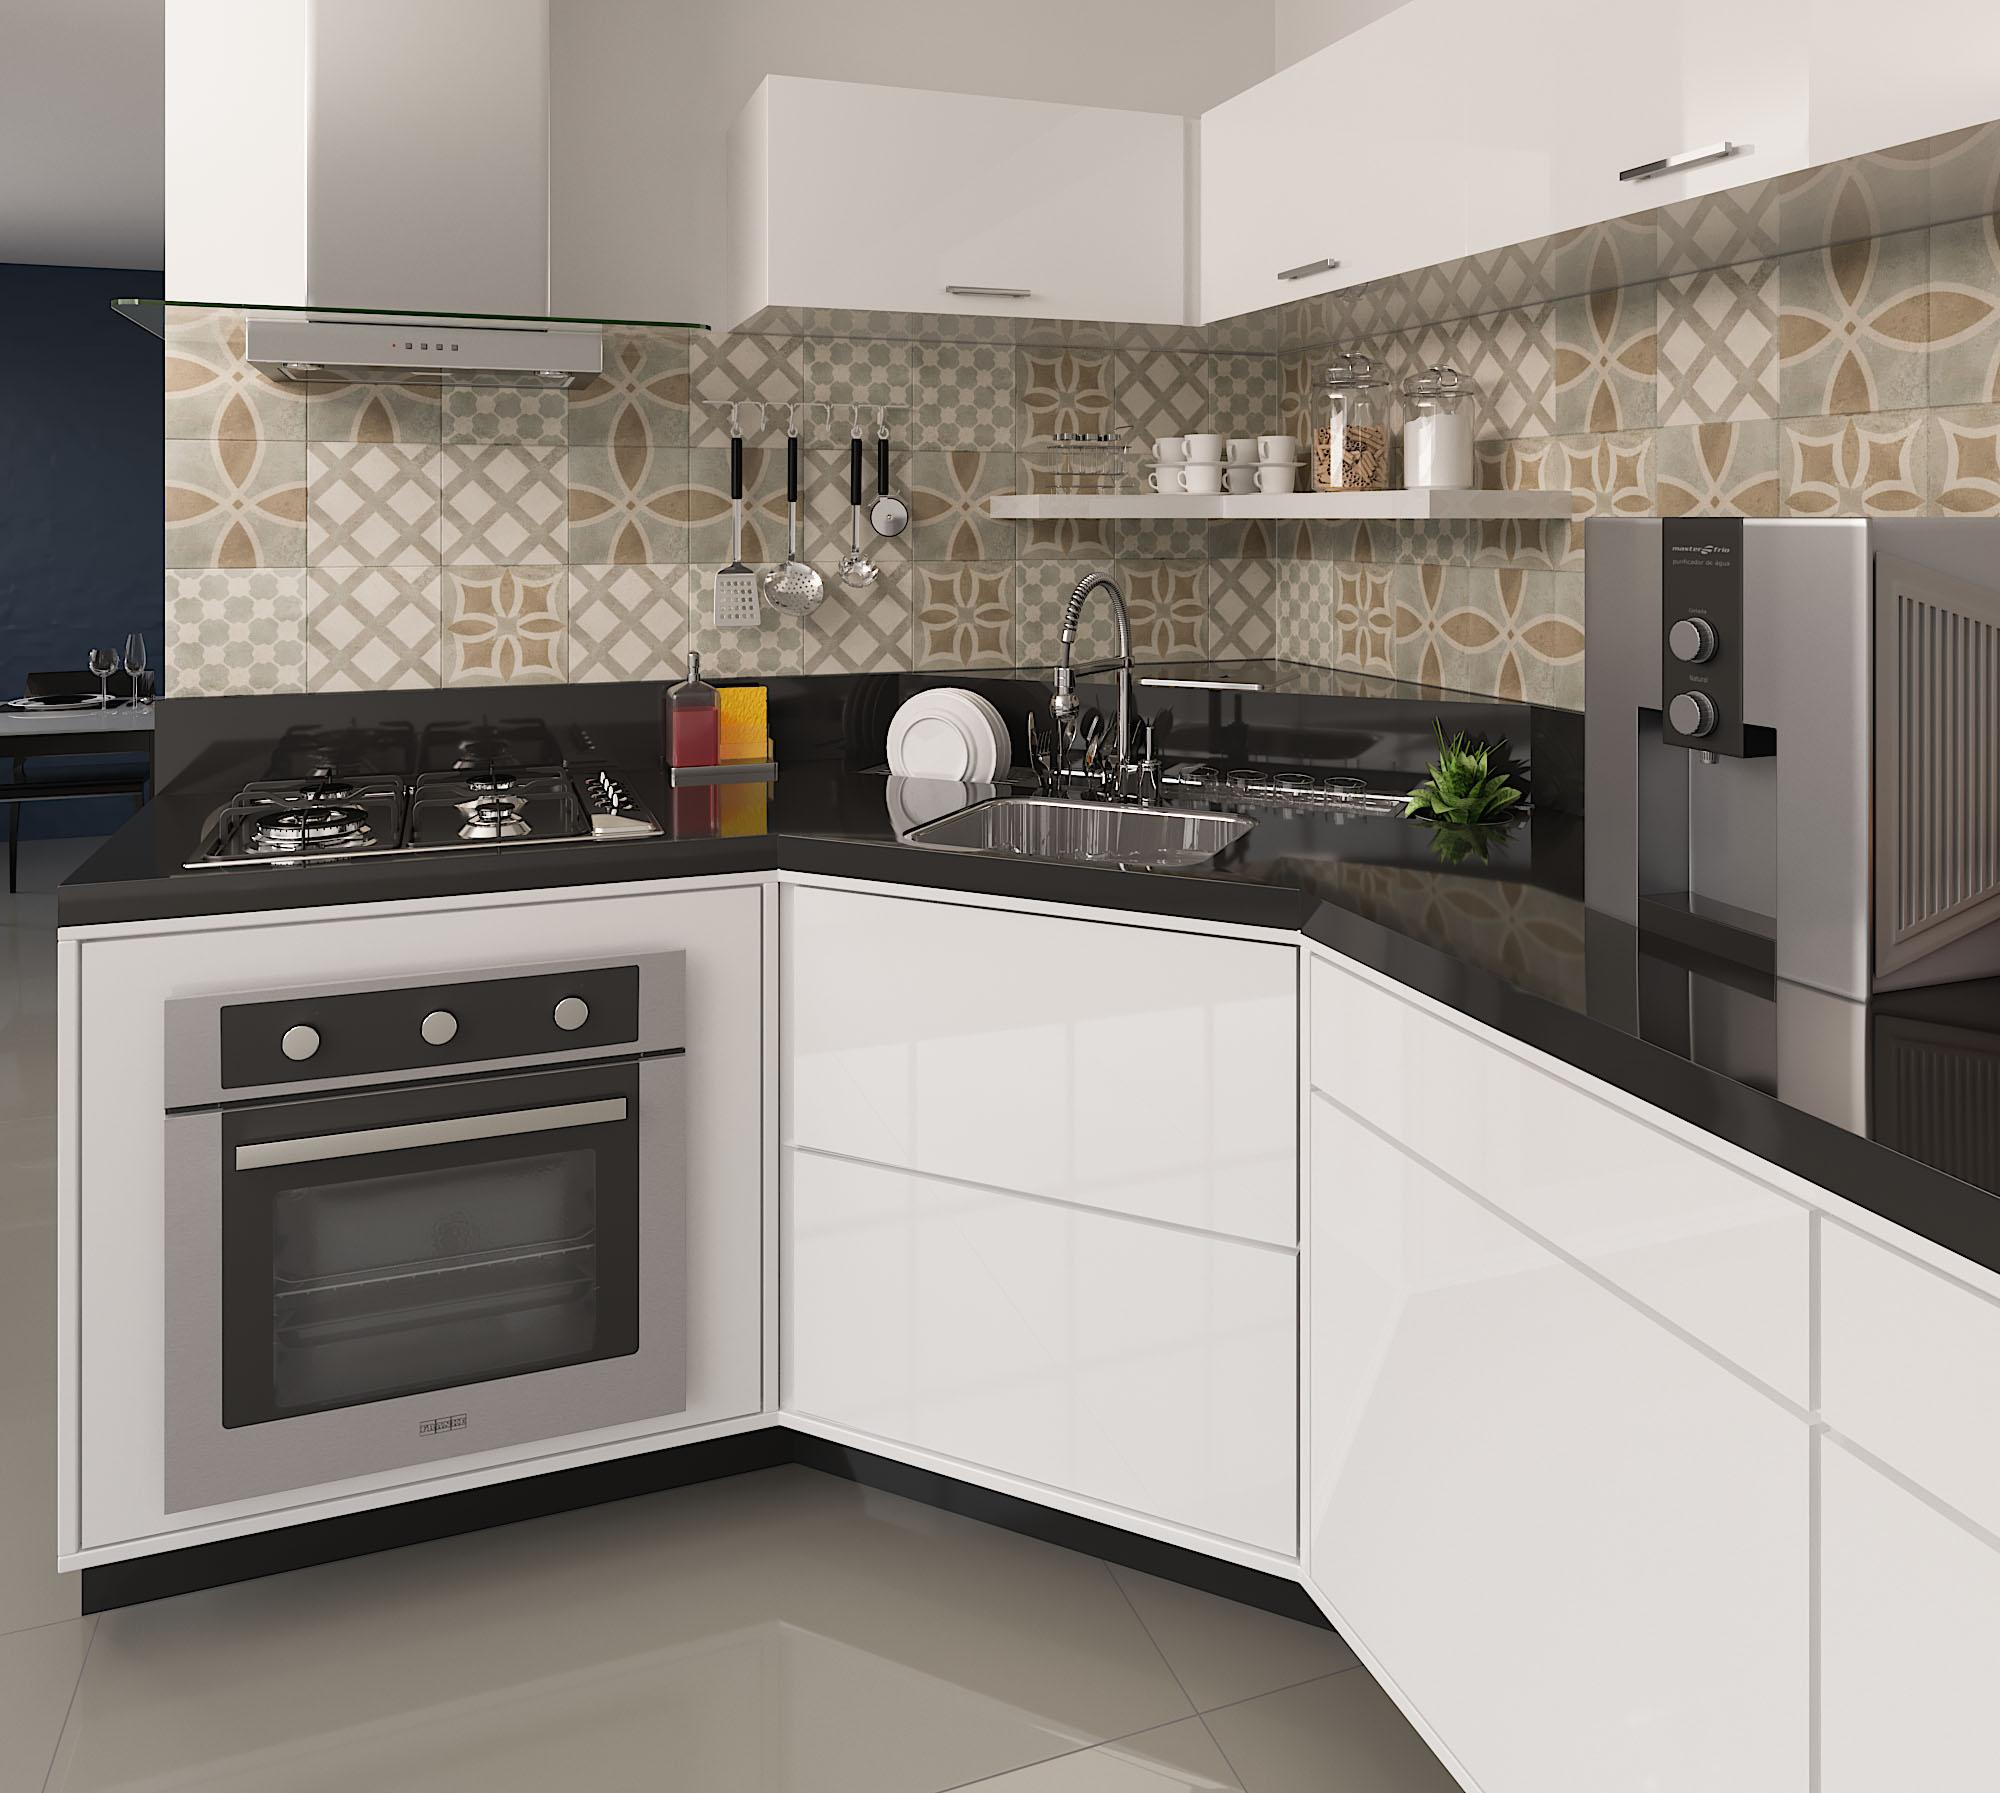 Cozinha Funcional Pequena Cozinha Pequena Ideia Para Cozinha